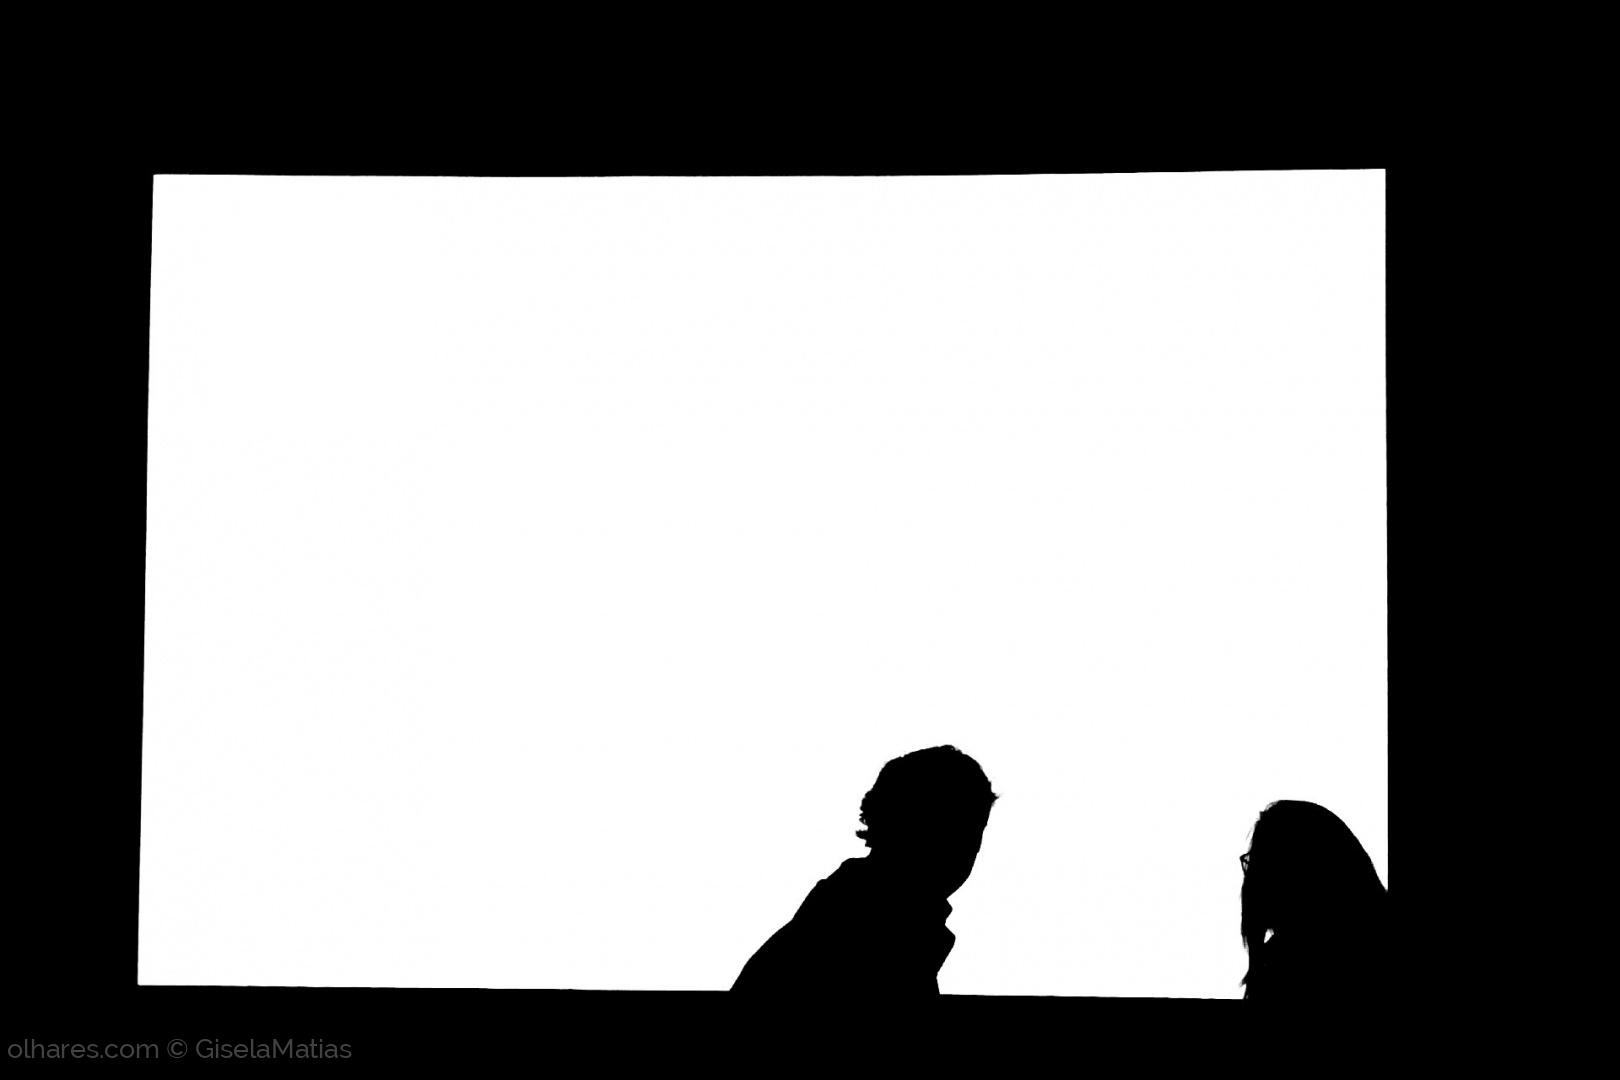 Arte Digital/Tela em branco.